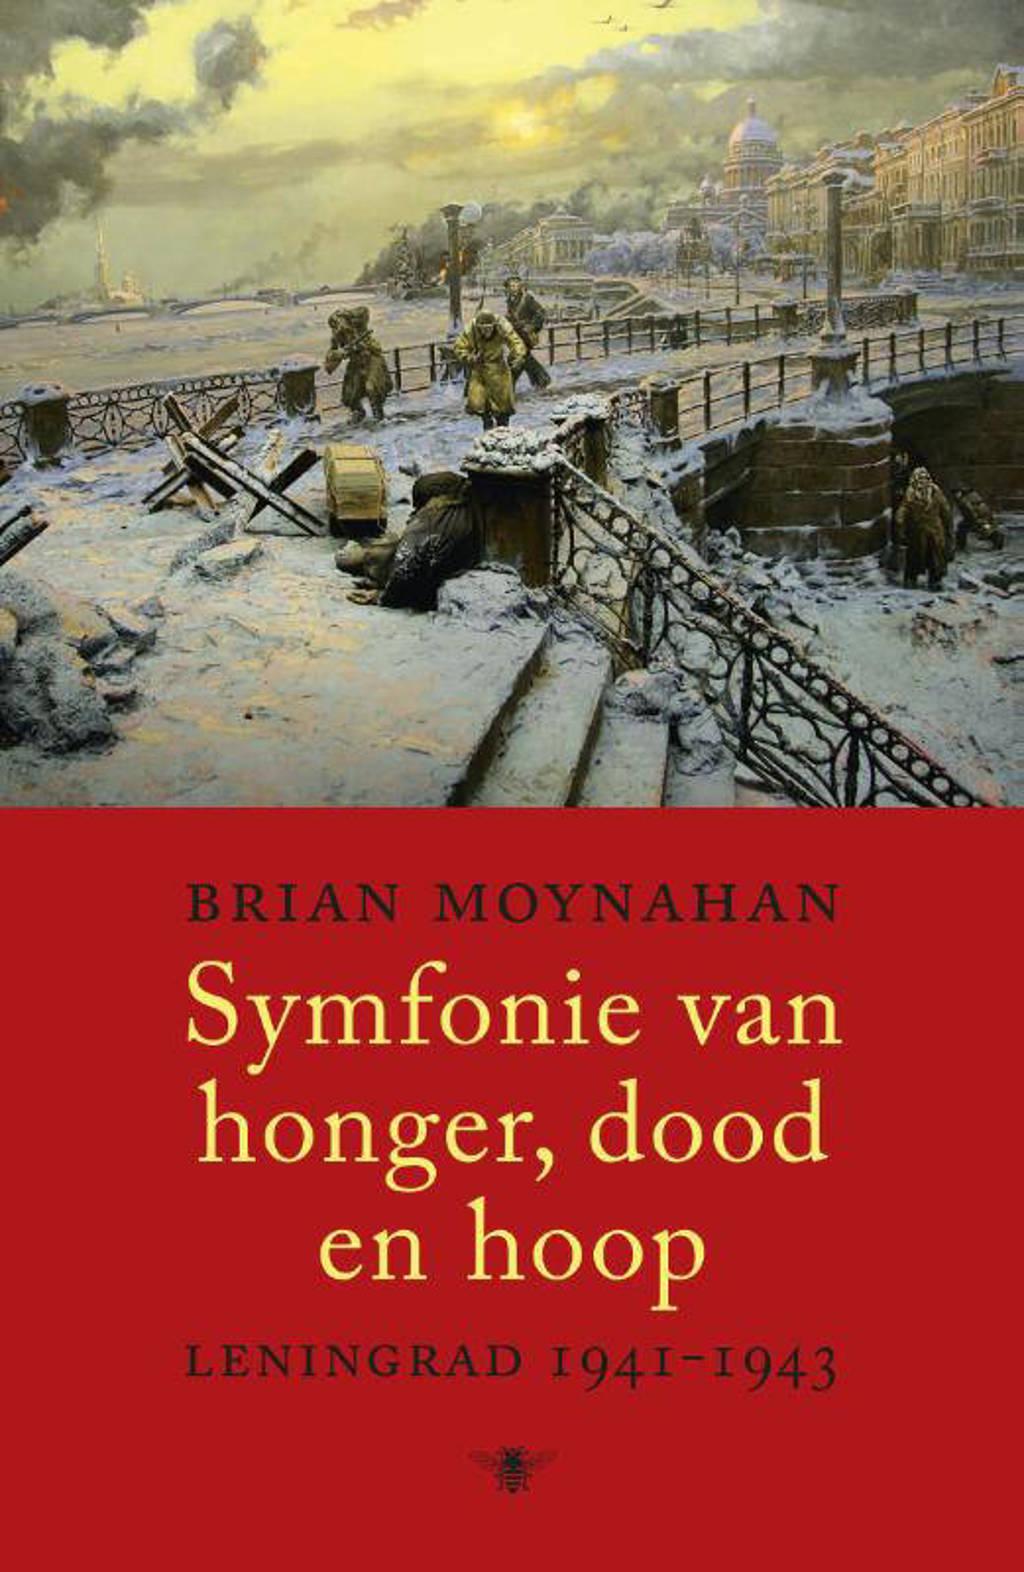 Symfonie van honger, dood en hoop - Brian Moynahan